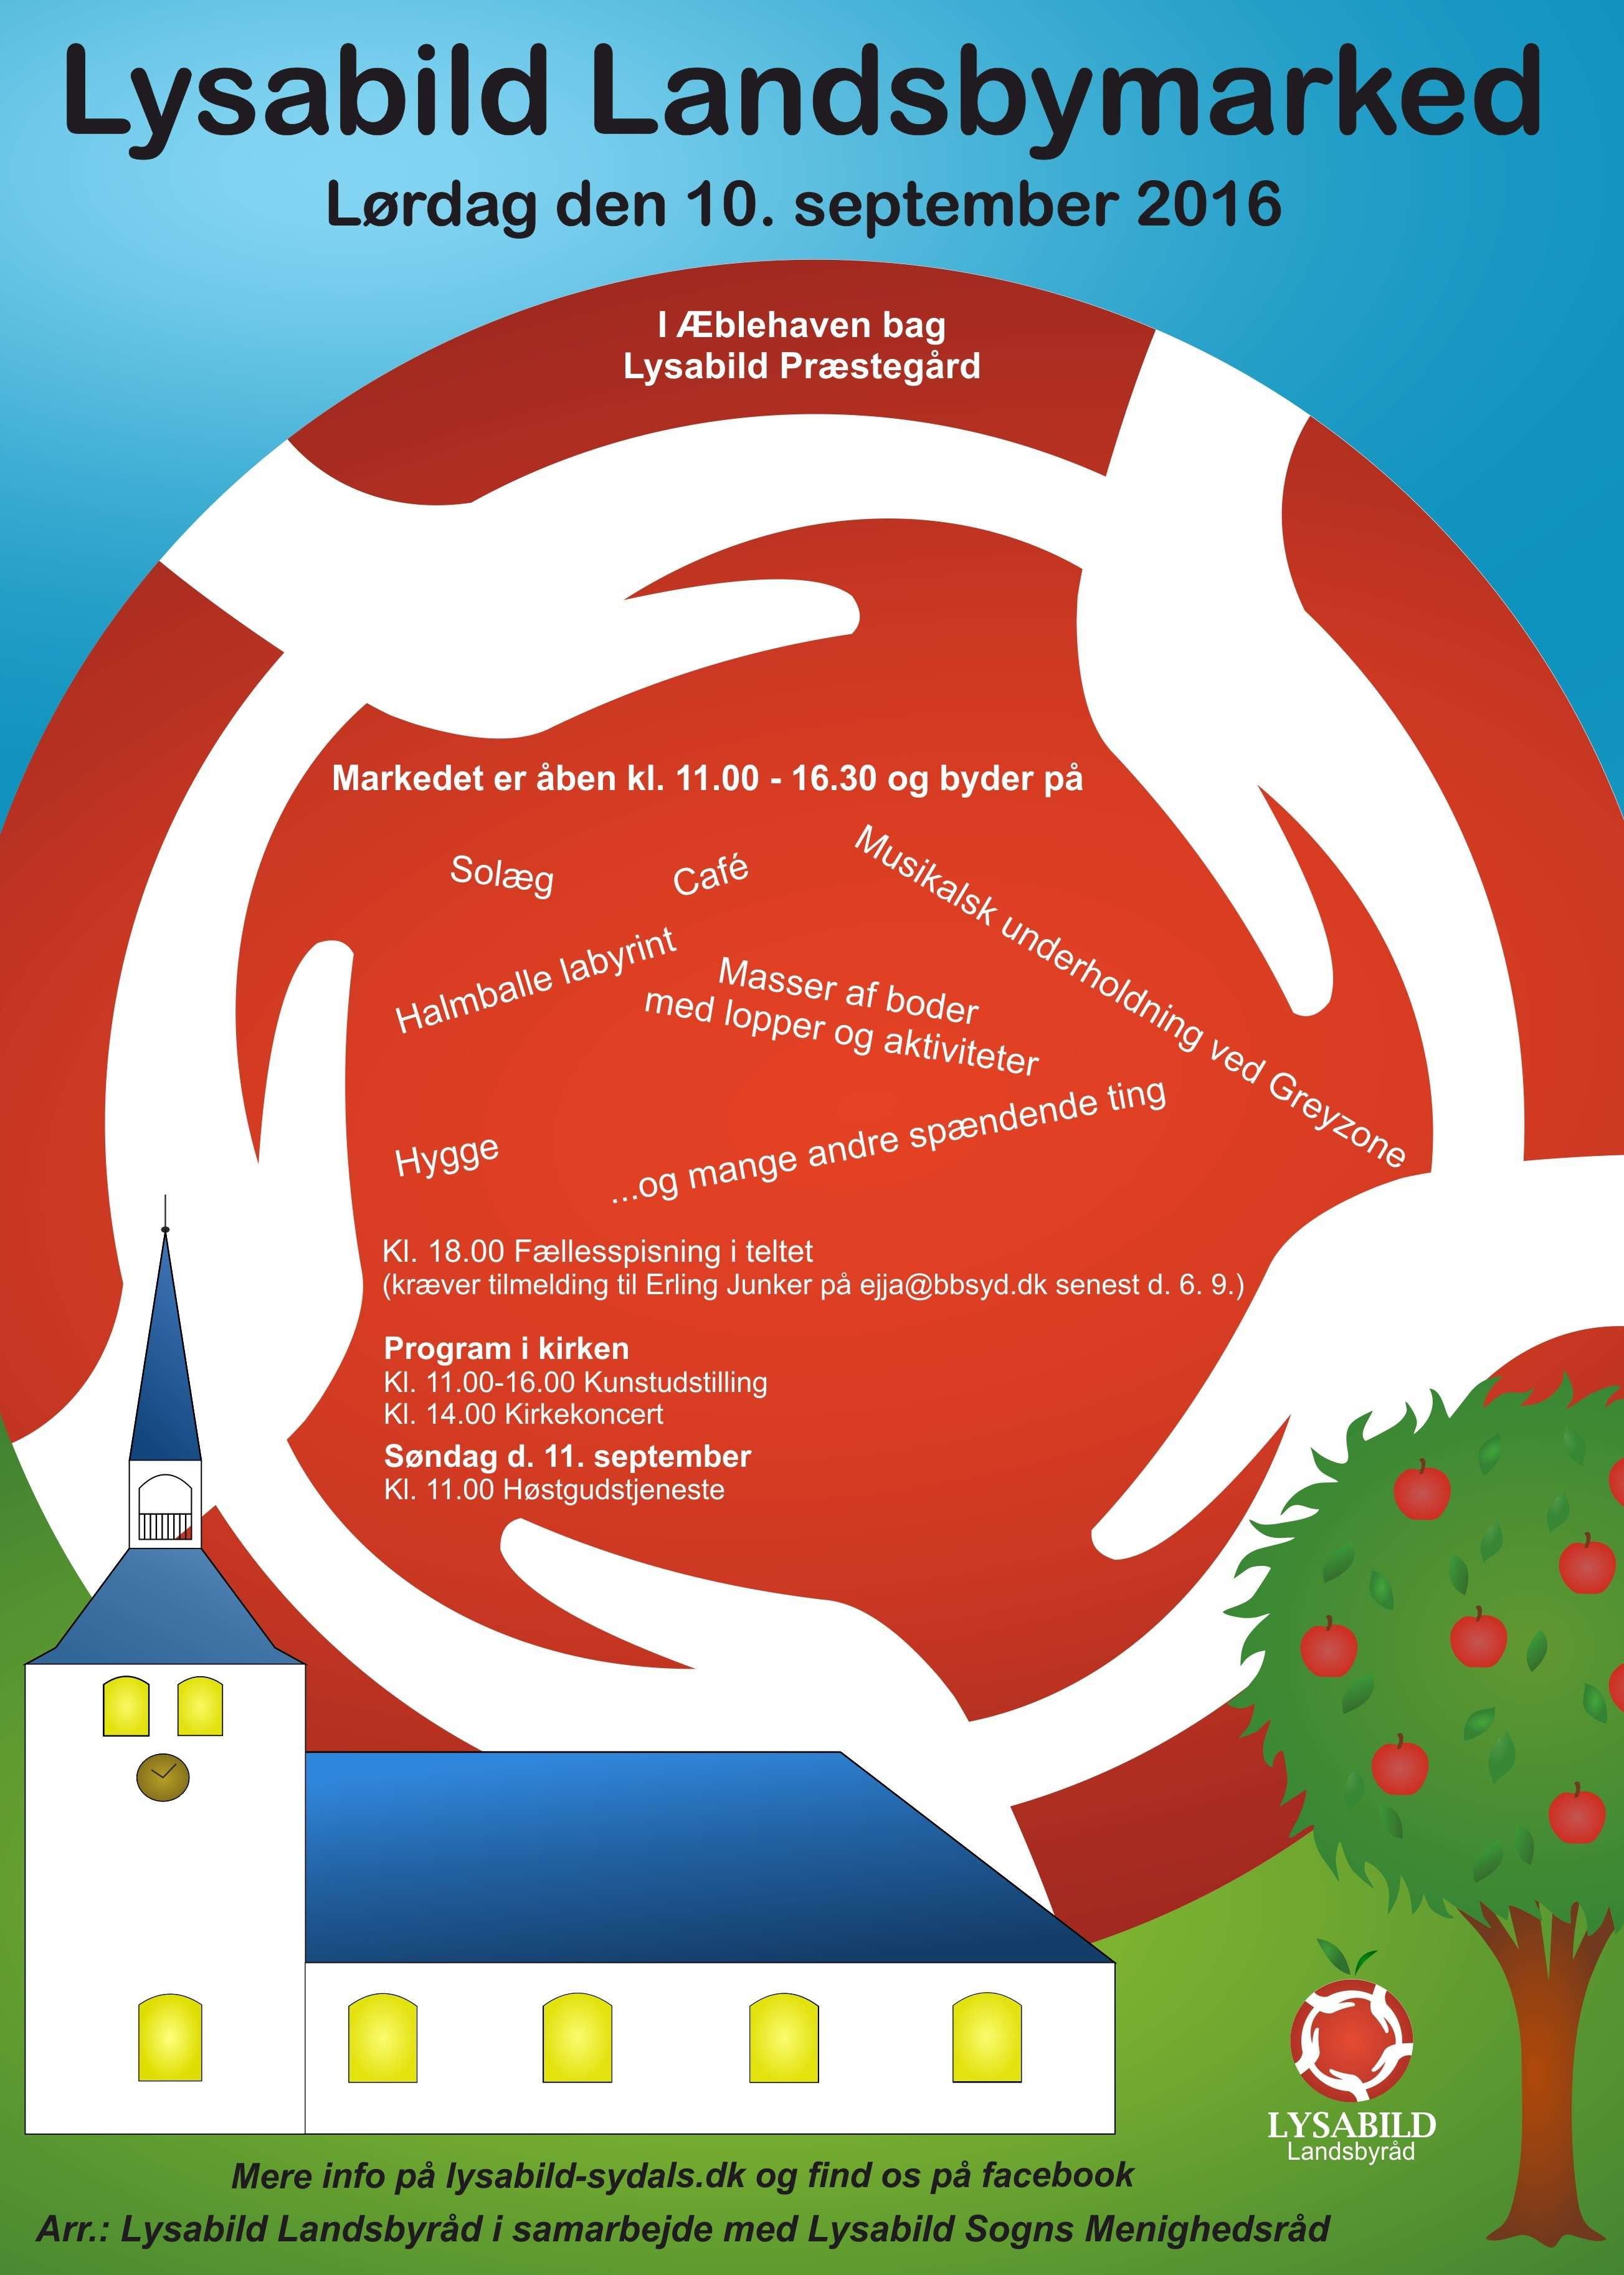 Landsbymarked plakat 2016 til web